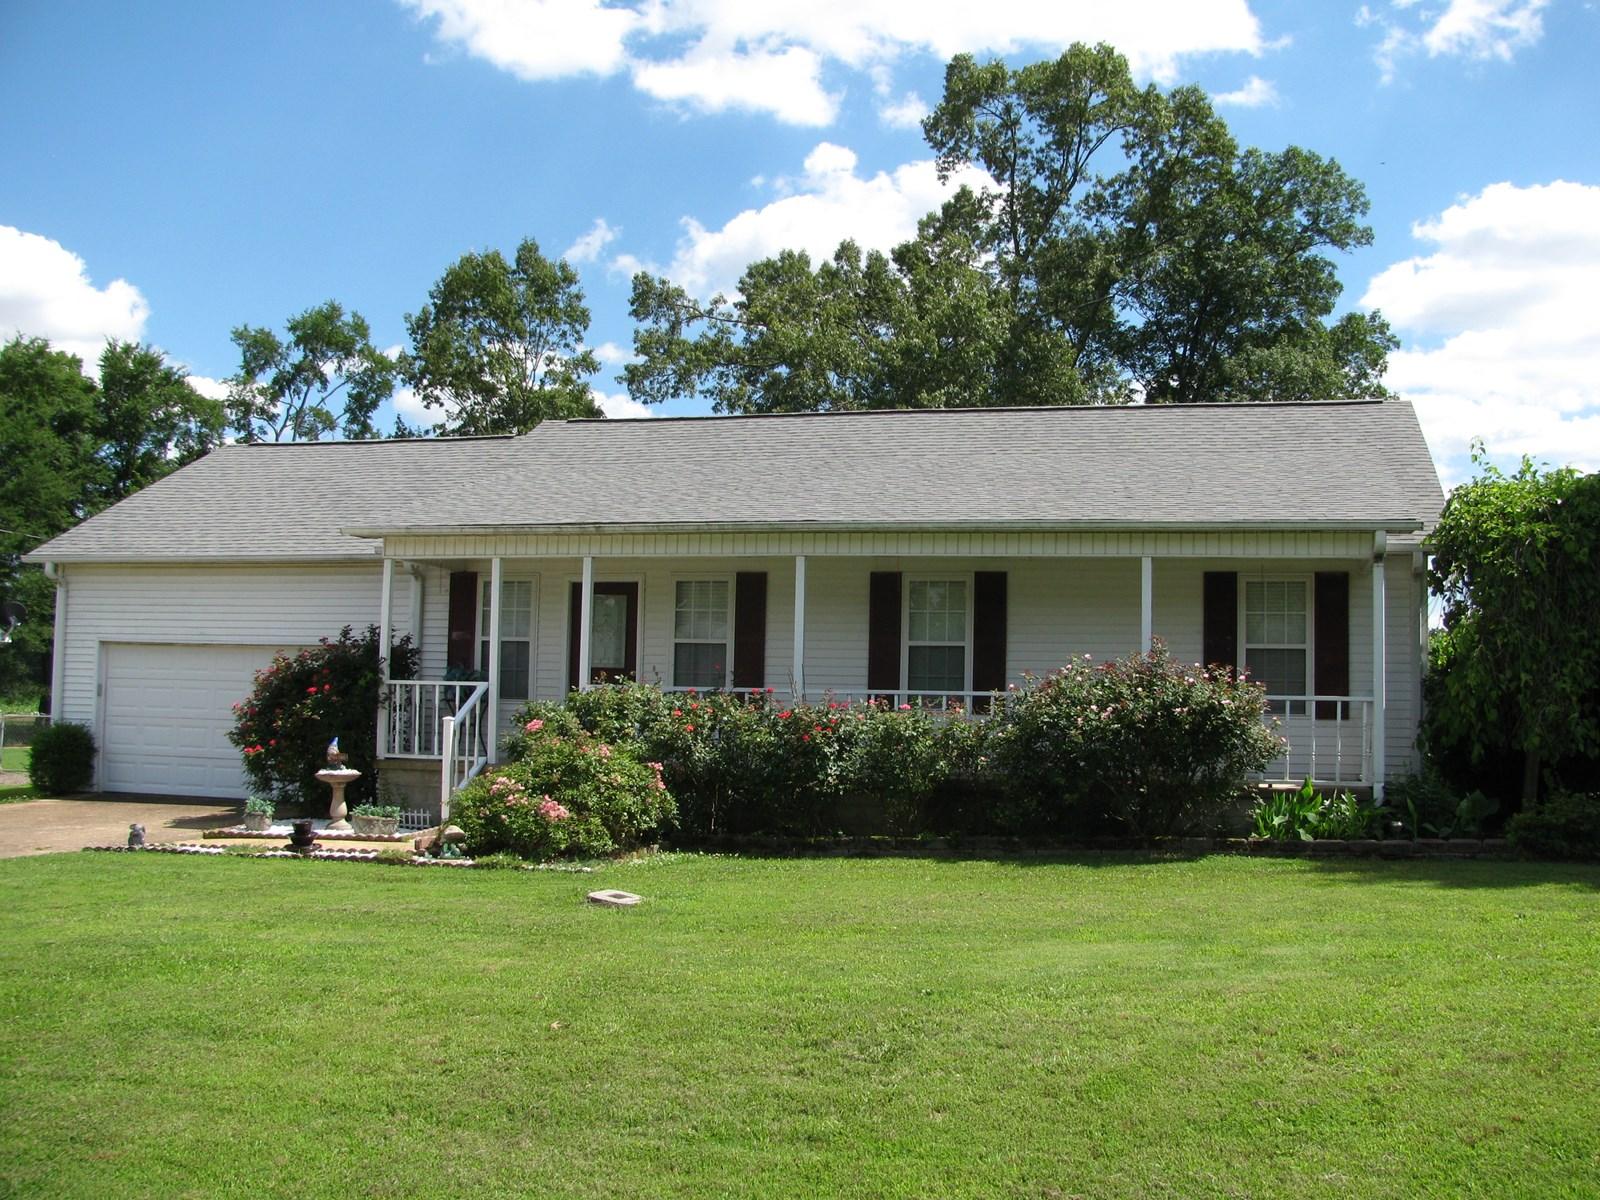 3 BEDROOM HOME IN ADAMSVILLE, TN FOR SALE, DOUBLE GARAGE